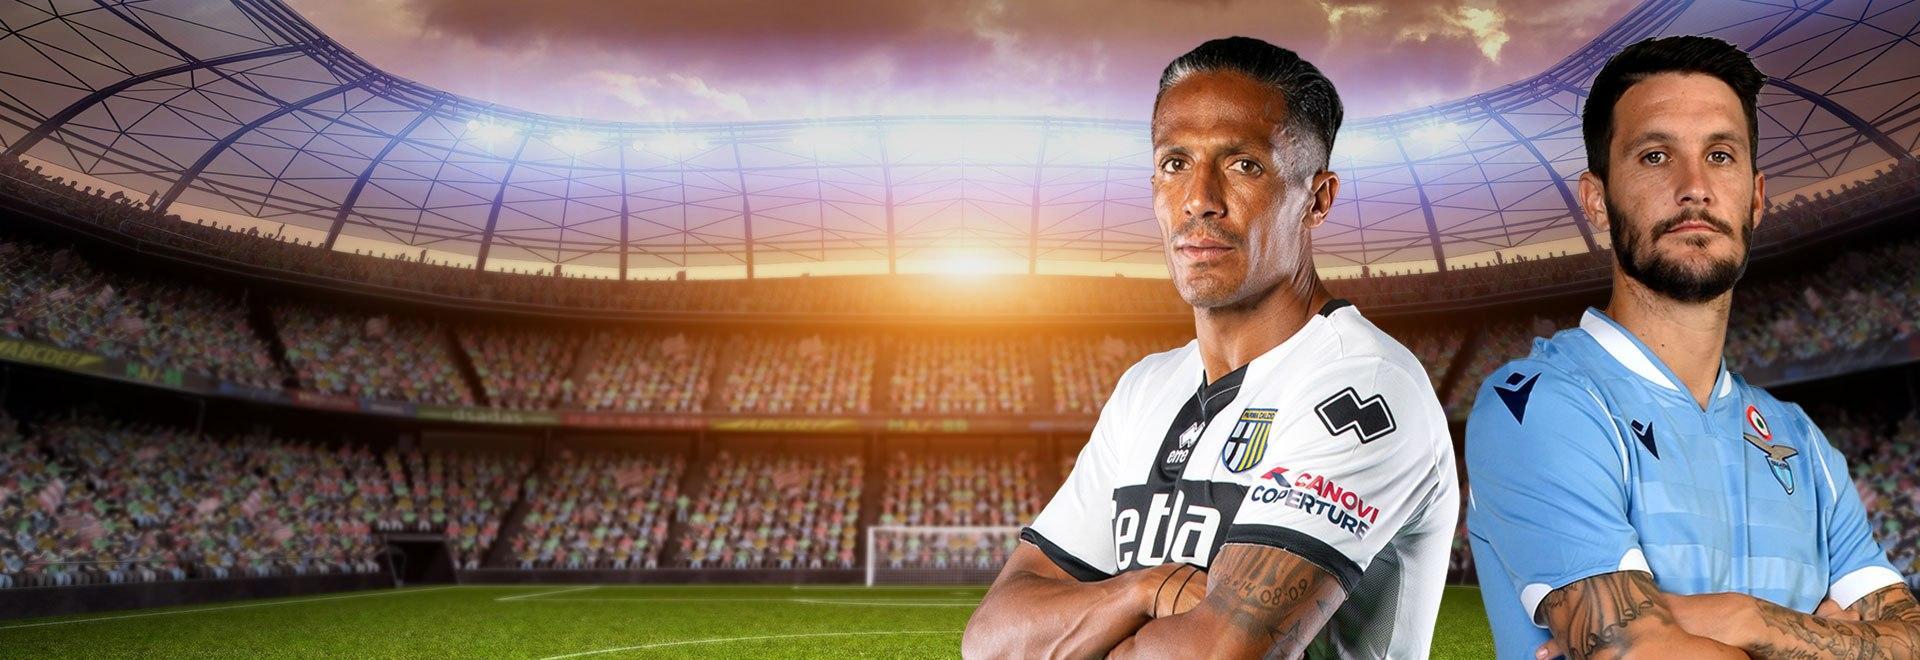 Parma - Lazio. 23a g.